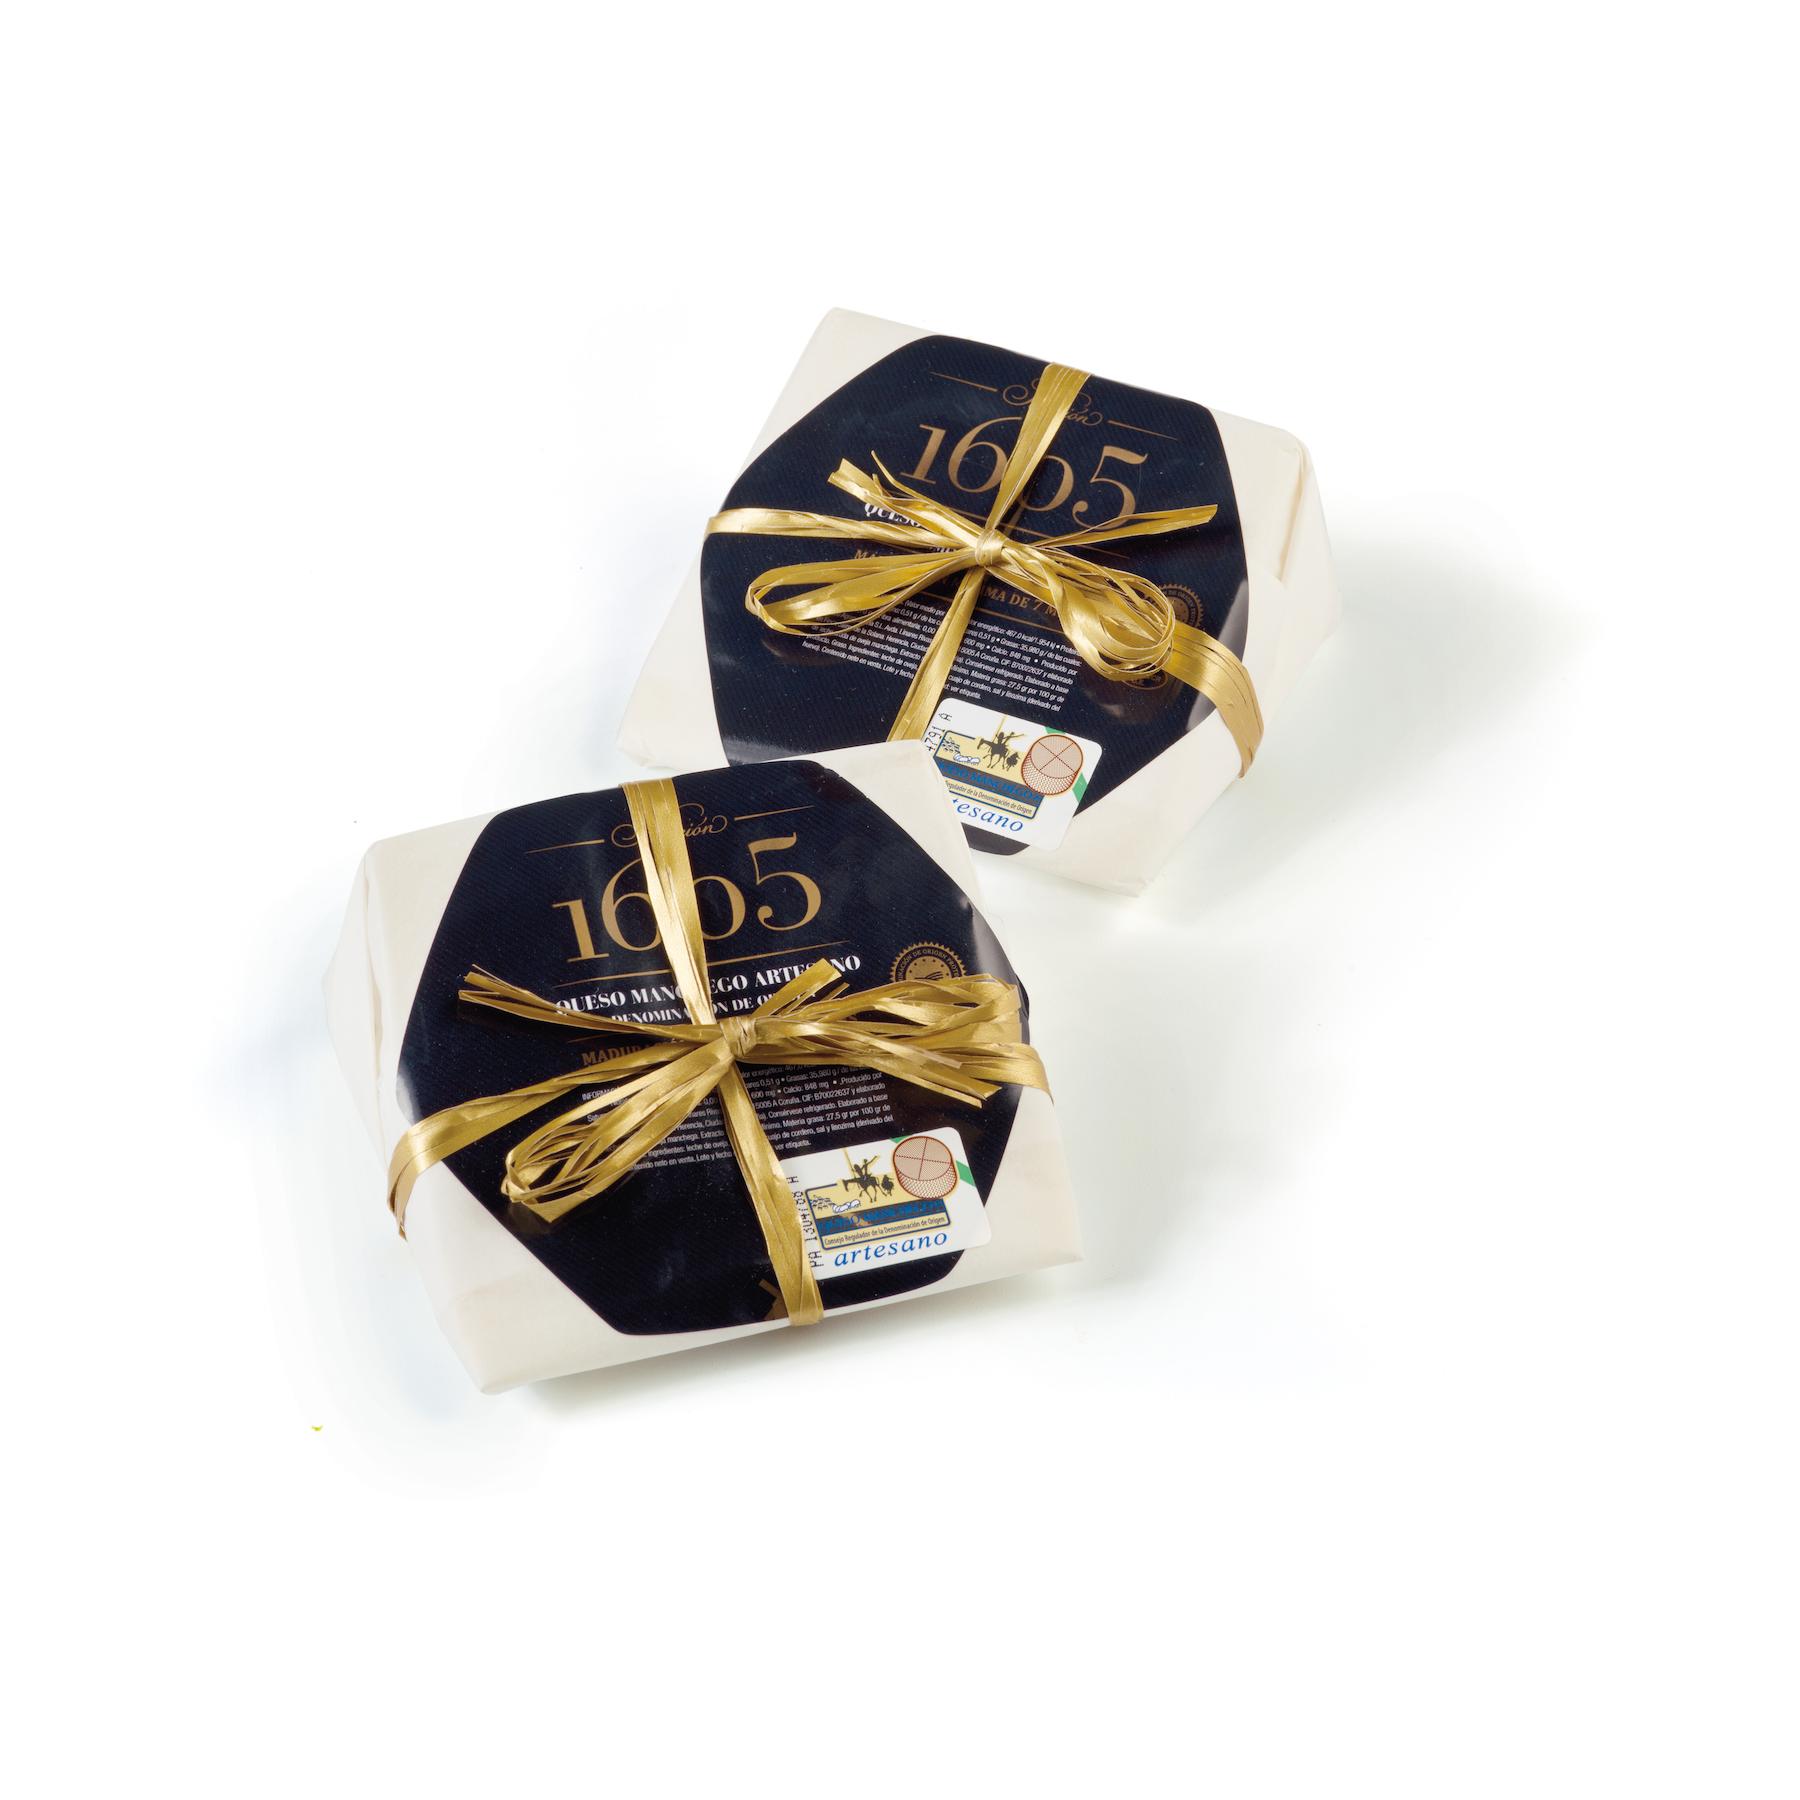 queso artesano 1605 queseria 1605 - Selección especial, de Quesería 1605, finalista en el VII Campeonato de los mejores quesos de España